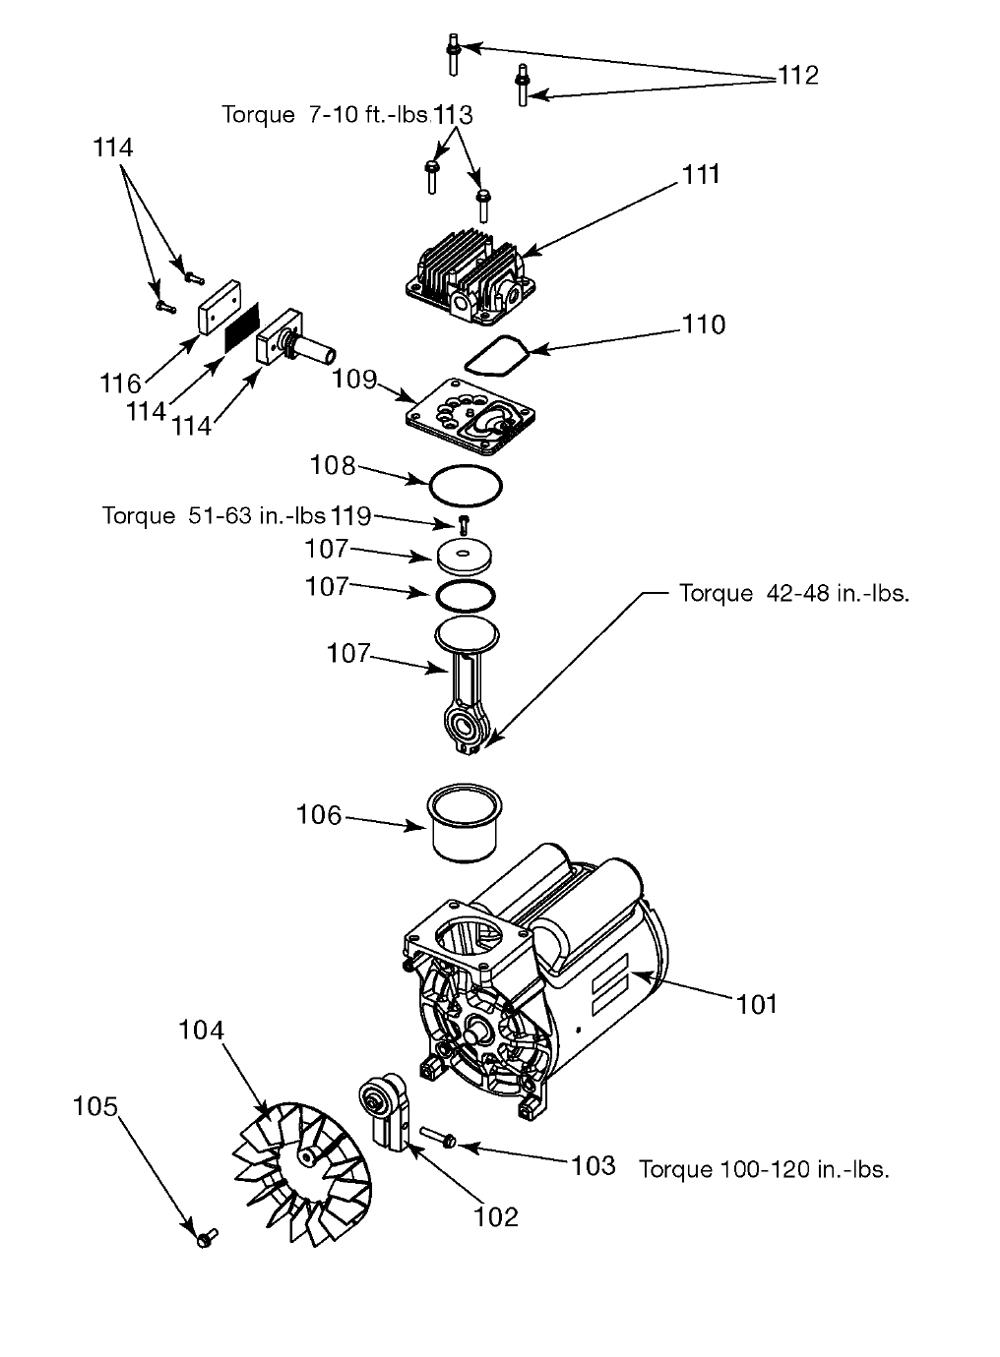 CPF6020-Porter-Cable-T0-PB-1Break Down